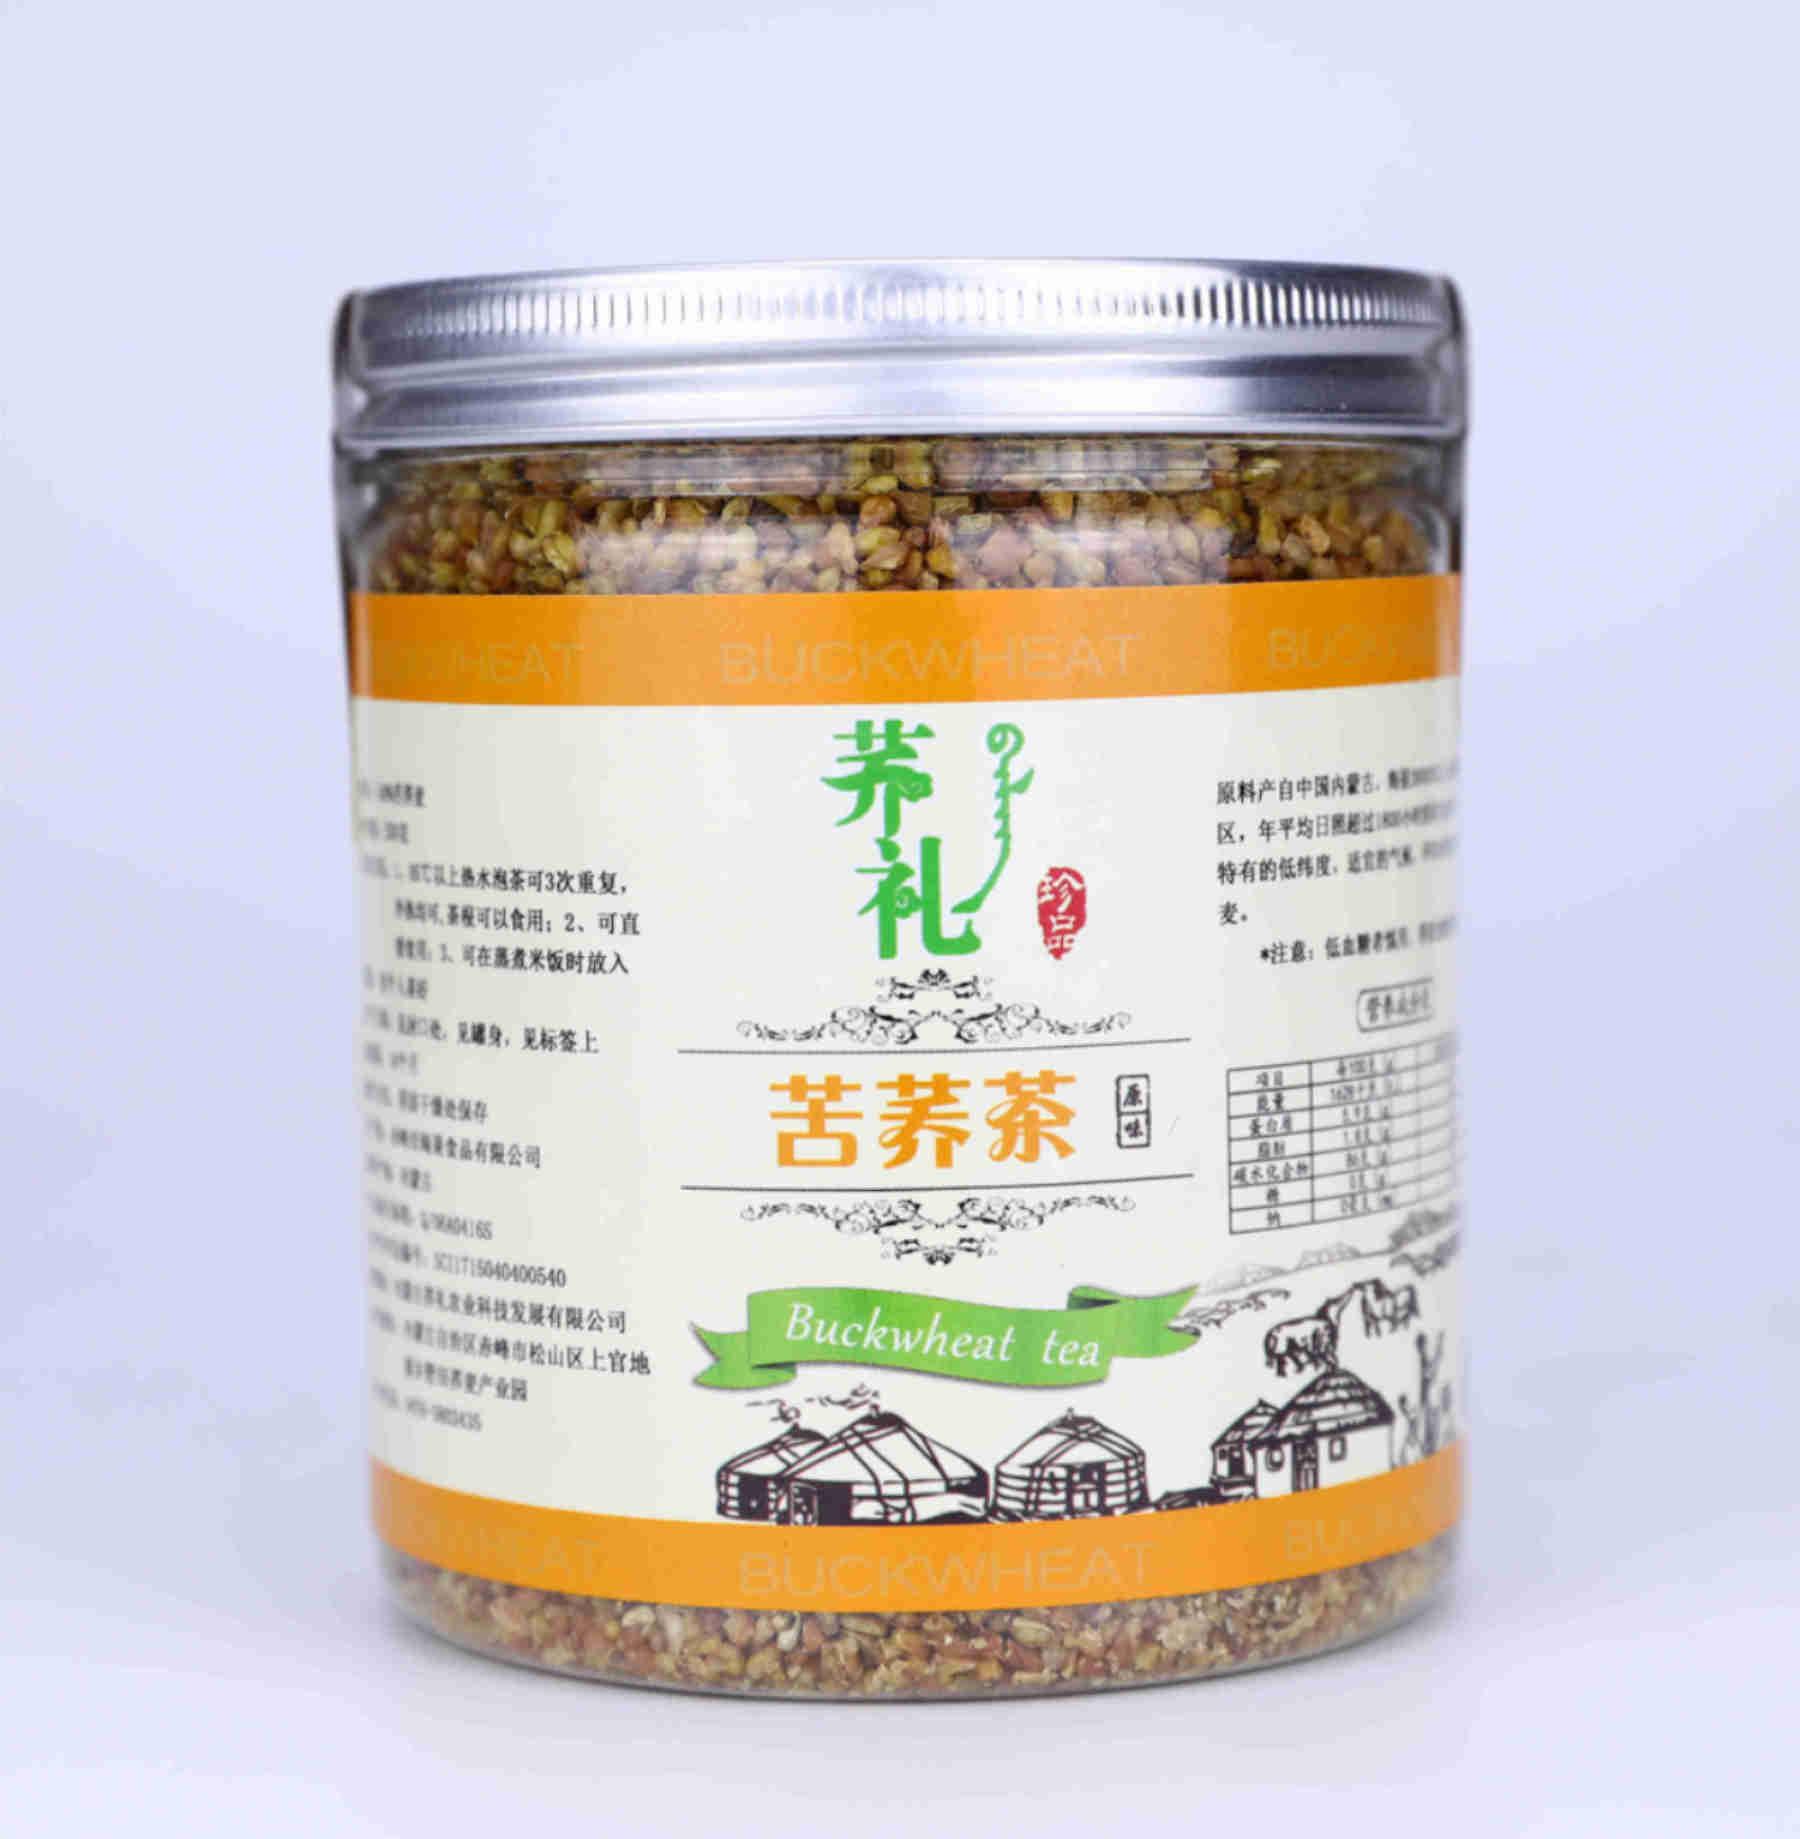 热卖的苦荞茶 采购报价合理的荞礼苦荞茶就找荞麦文化协会